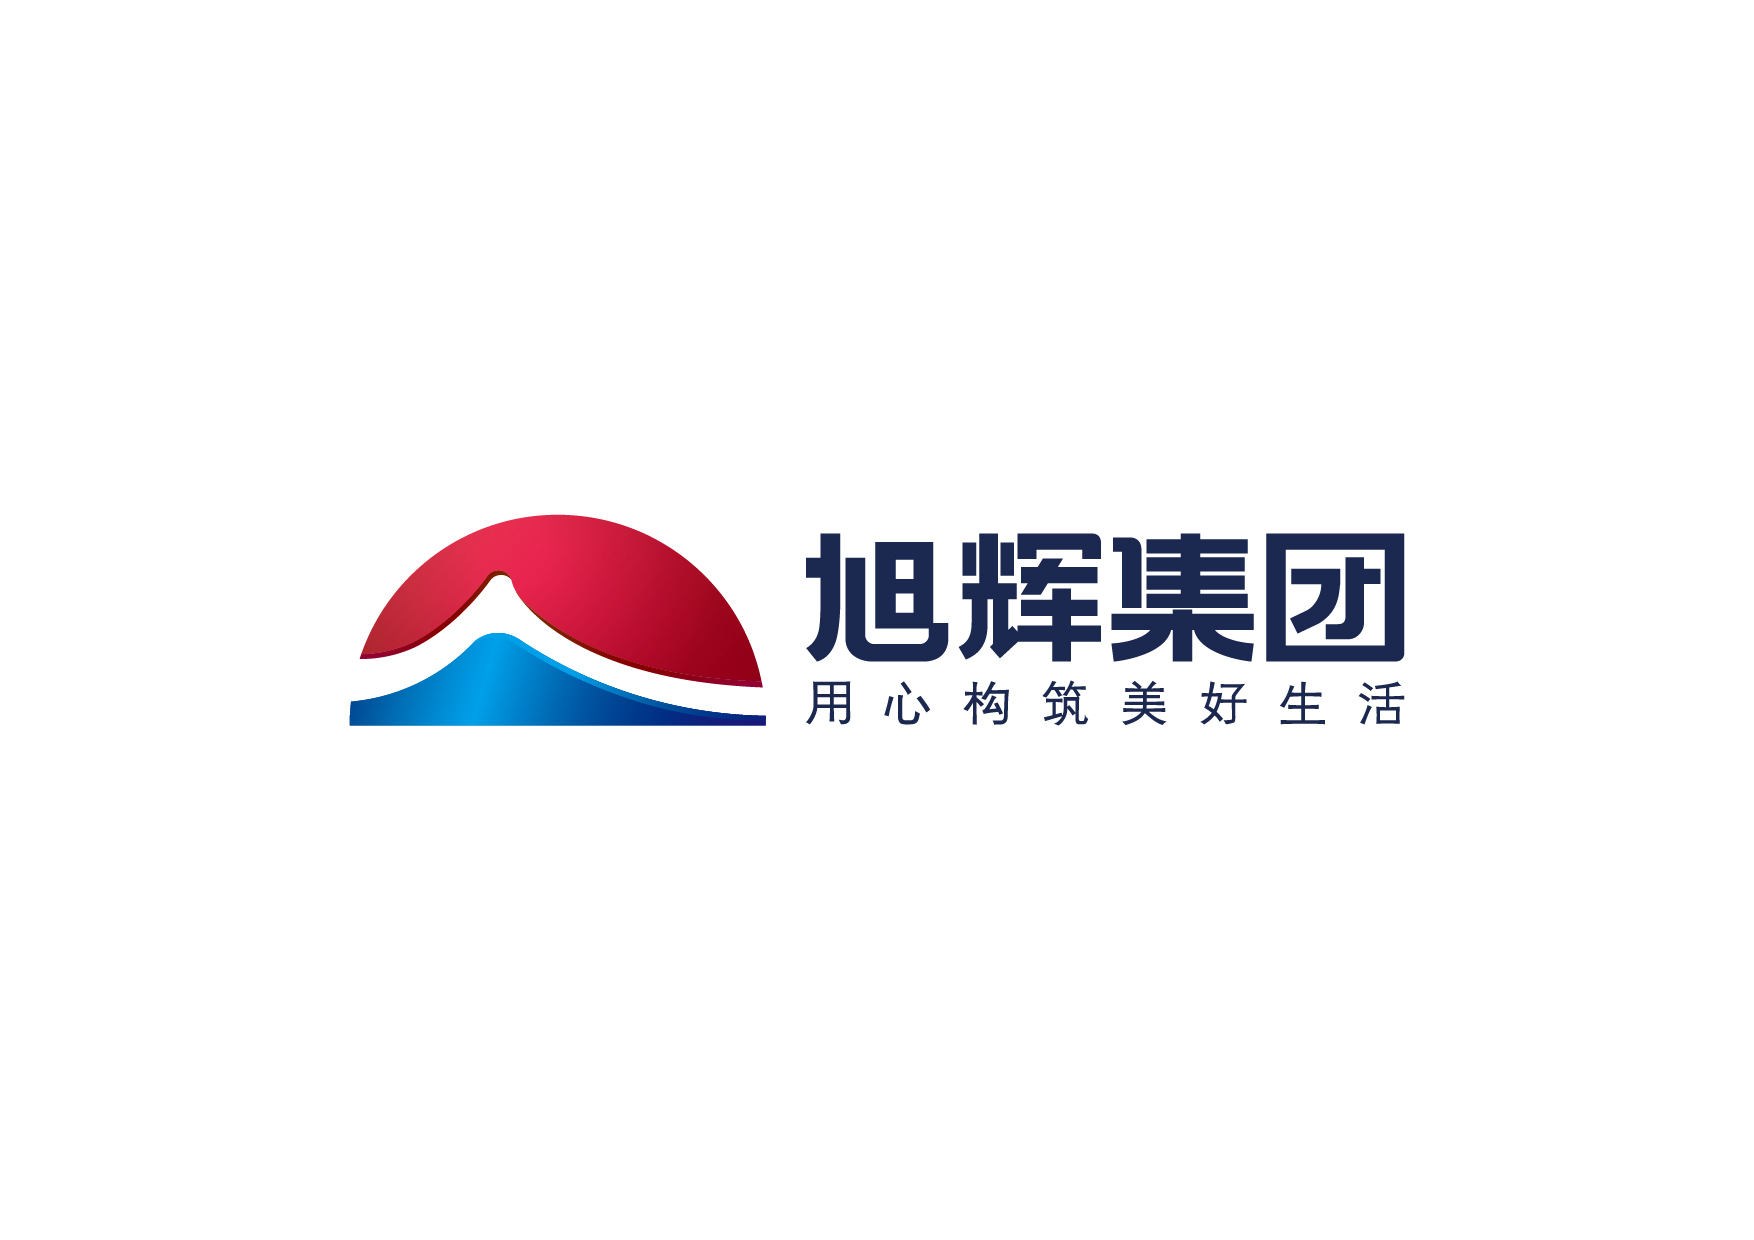 旭辉集团股份有限公司